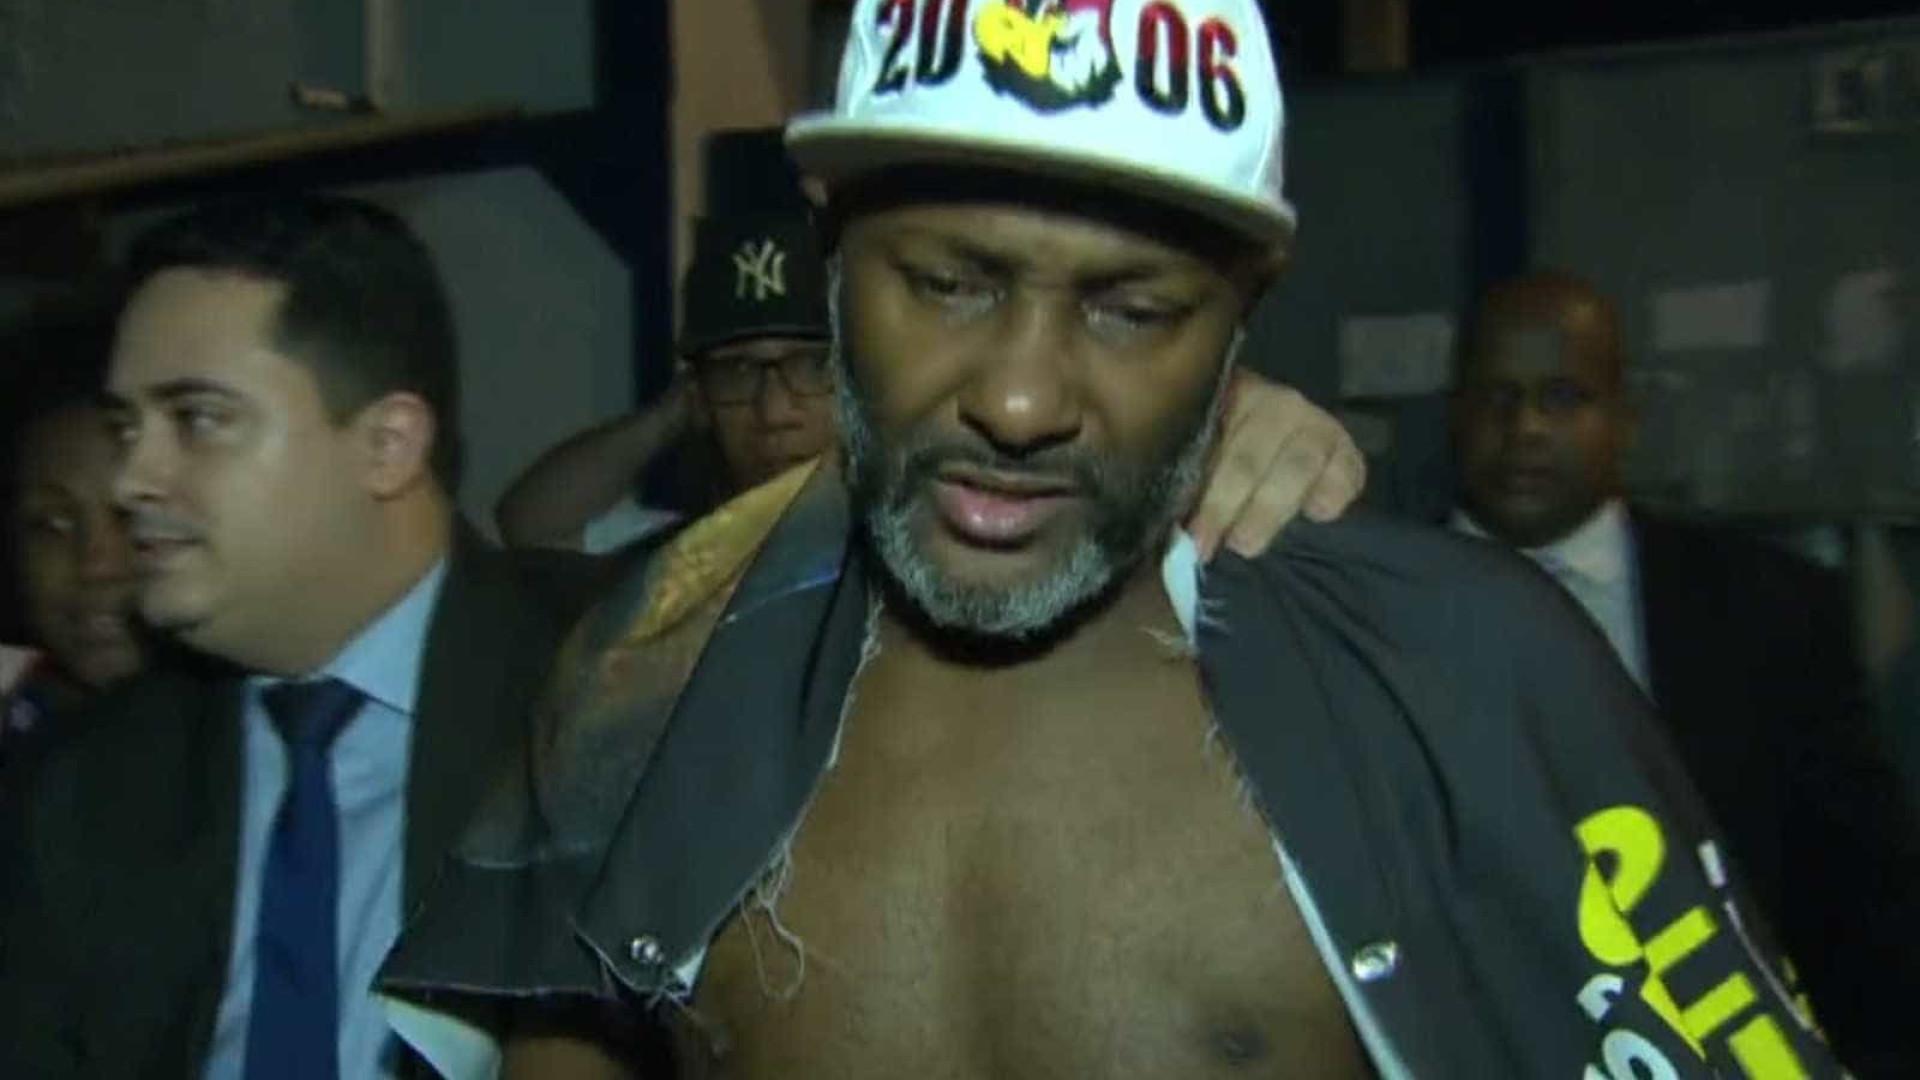 Motorista preso por engano no Rio desabafa: 'Sociedade racista'